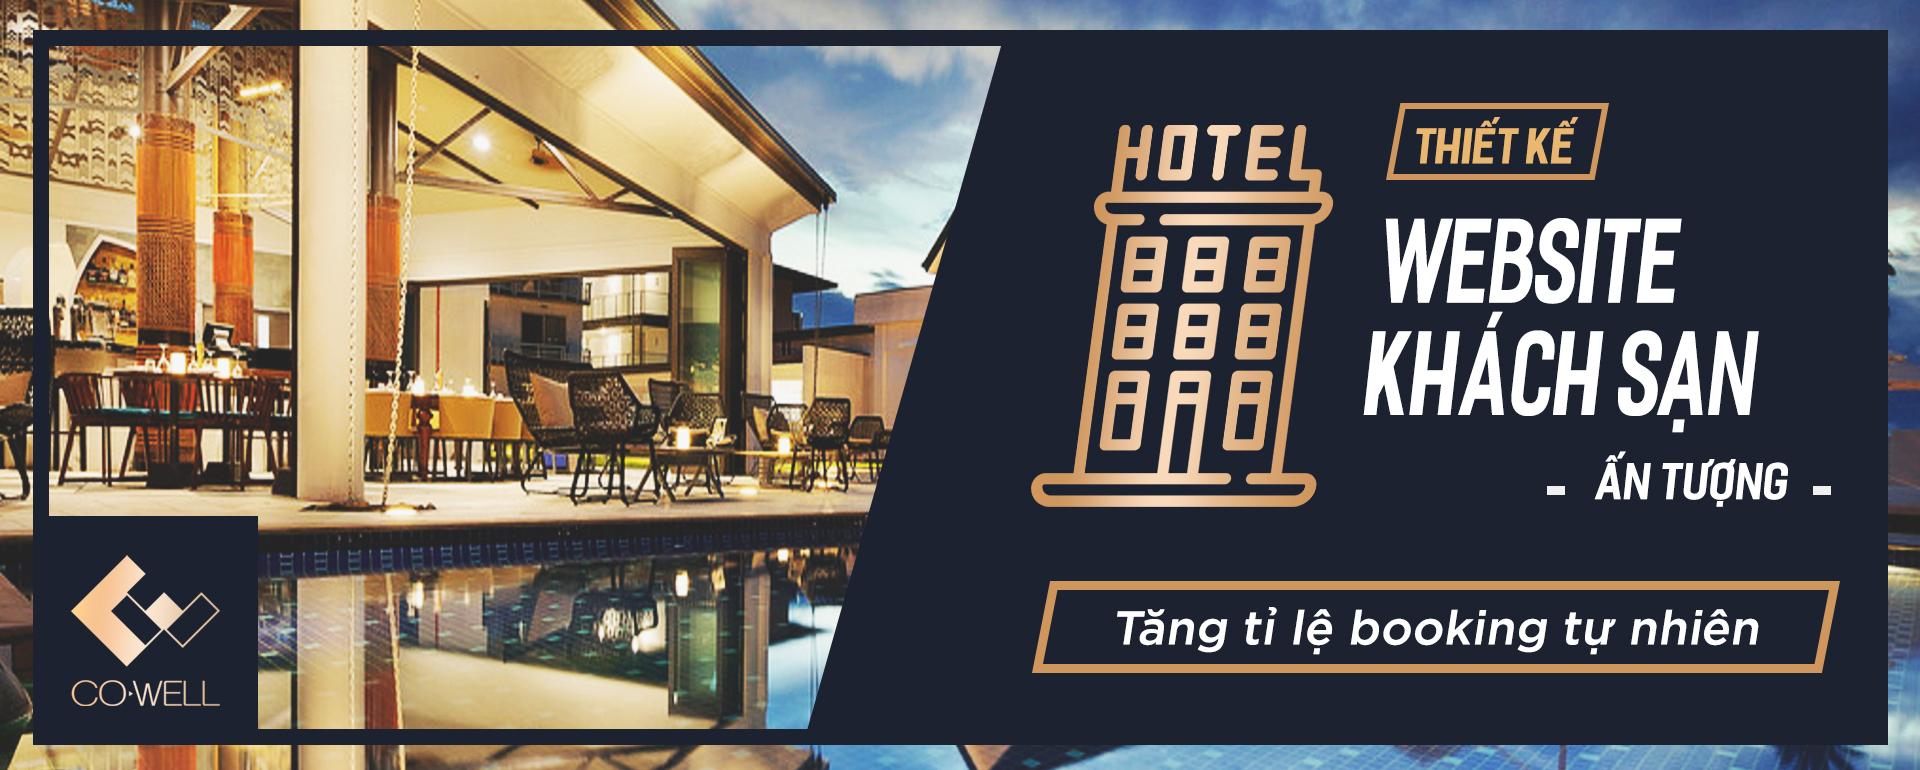 Tang ti le booking tu nhien qua thiet ke website khach san BANNER